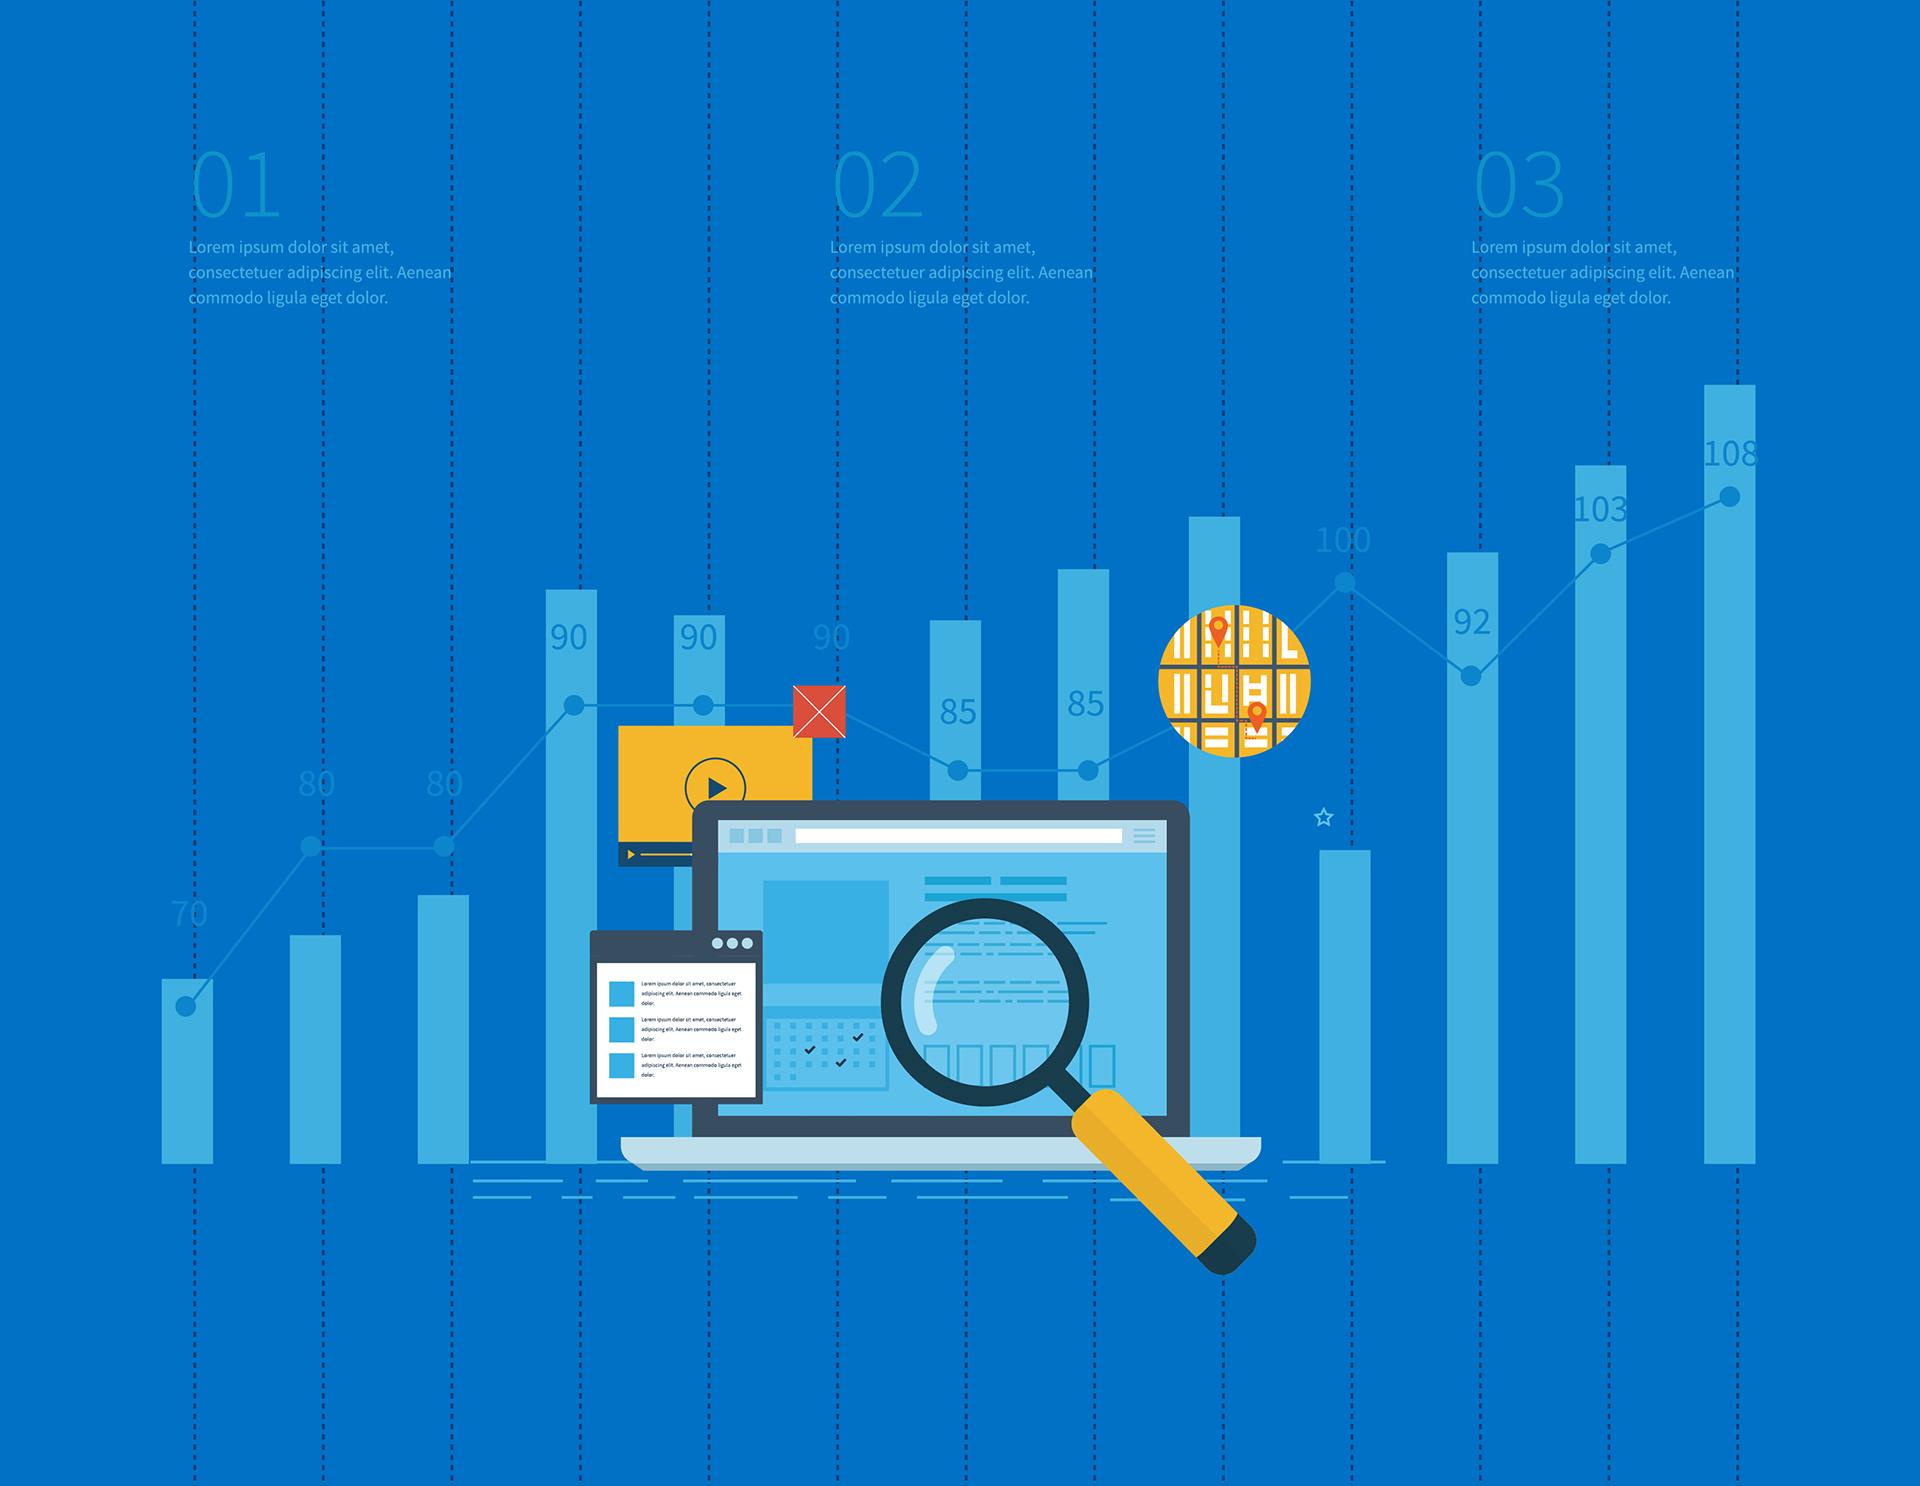 analytics-image.jpg